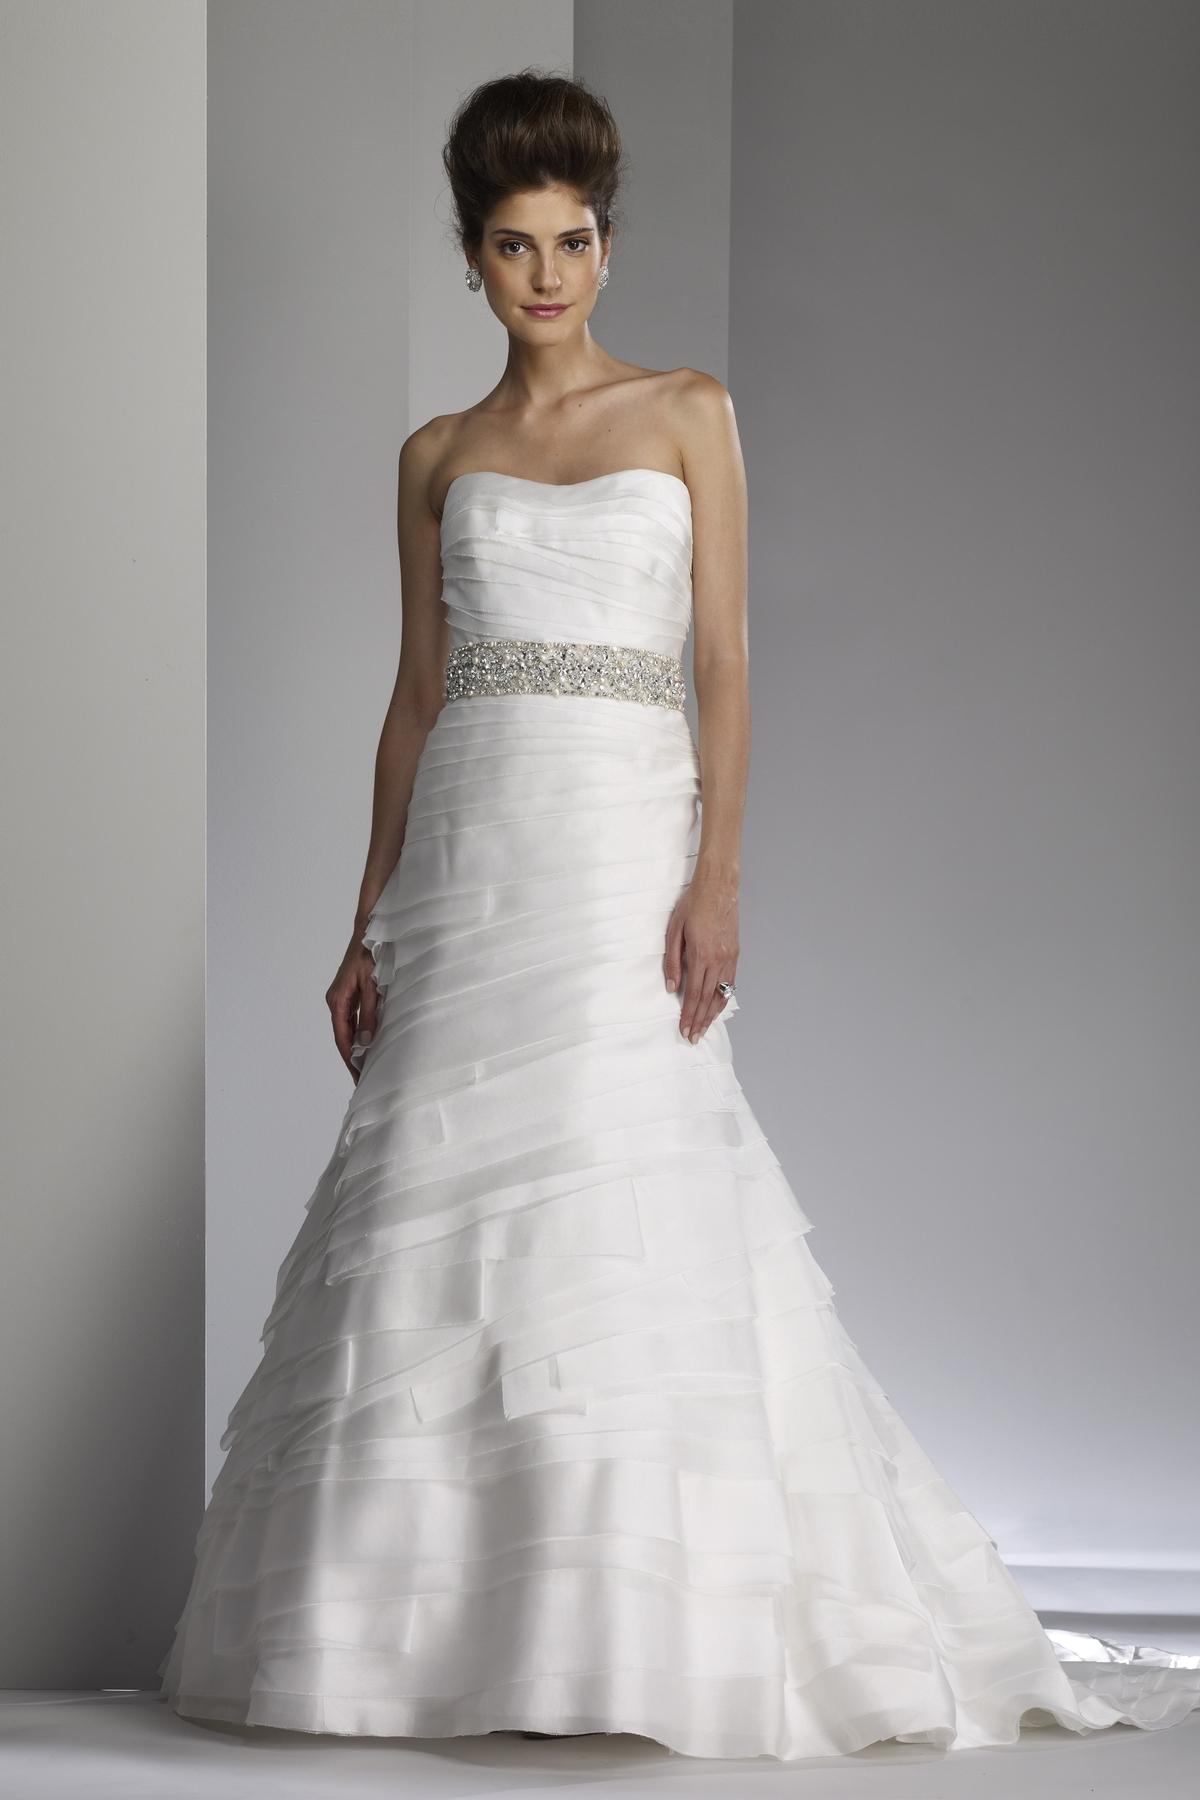 Liz Fields 2012 Spring Summer Bridal Collection Fashionbride 39 S Weblog